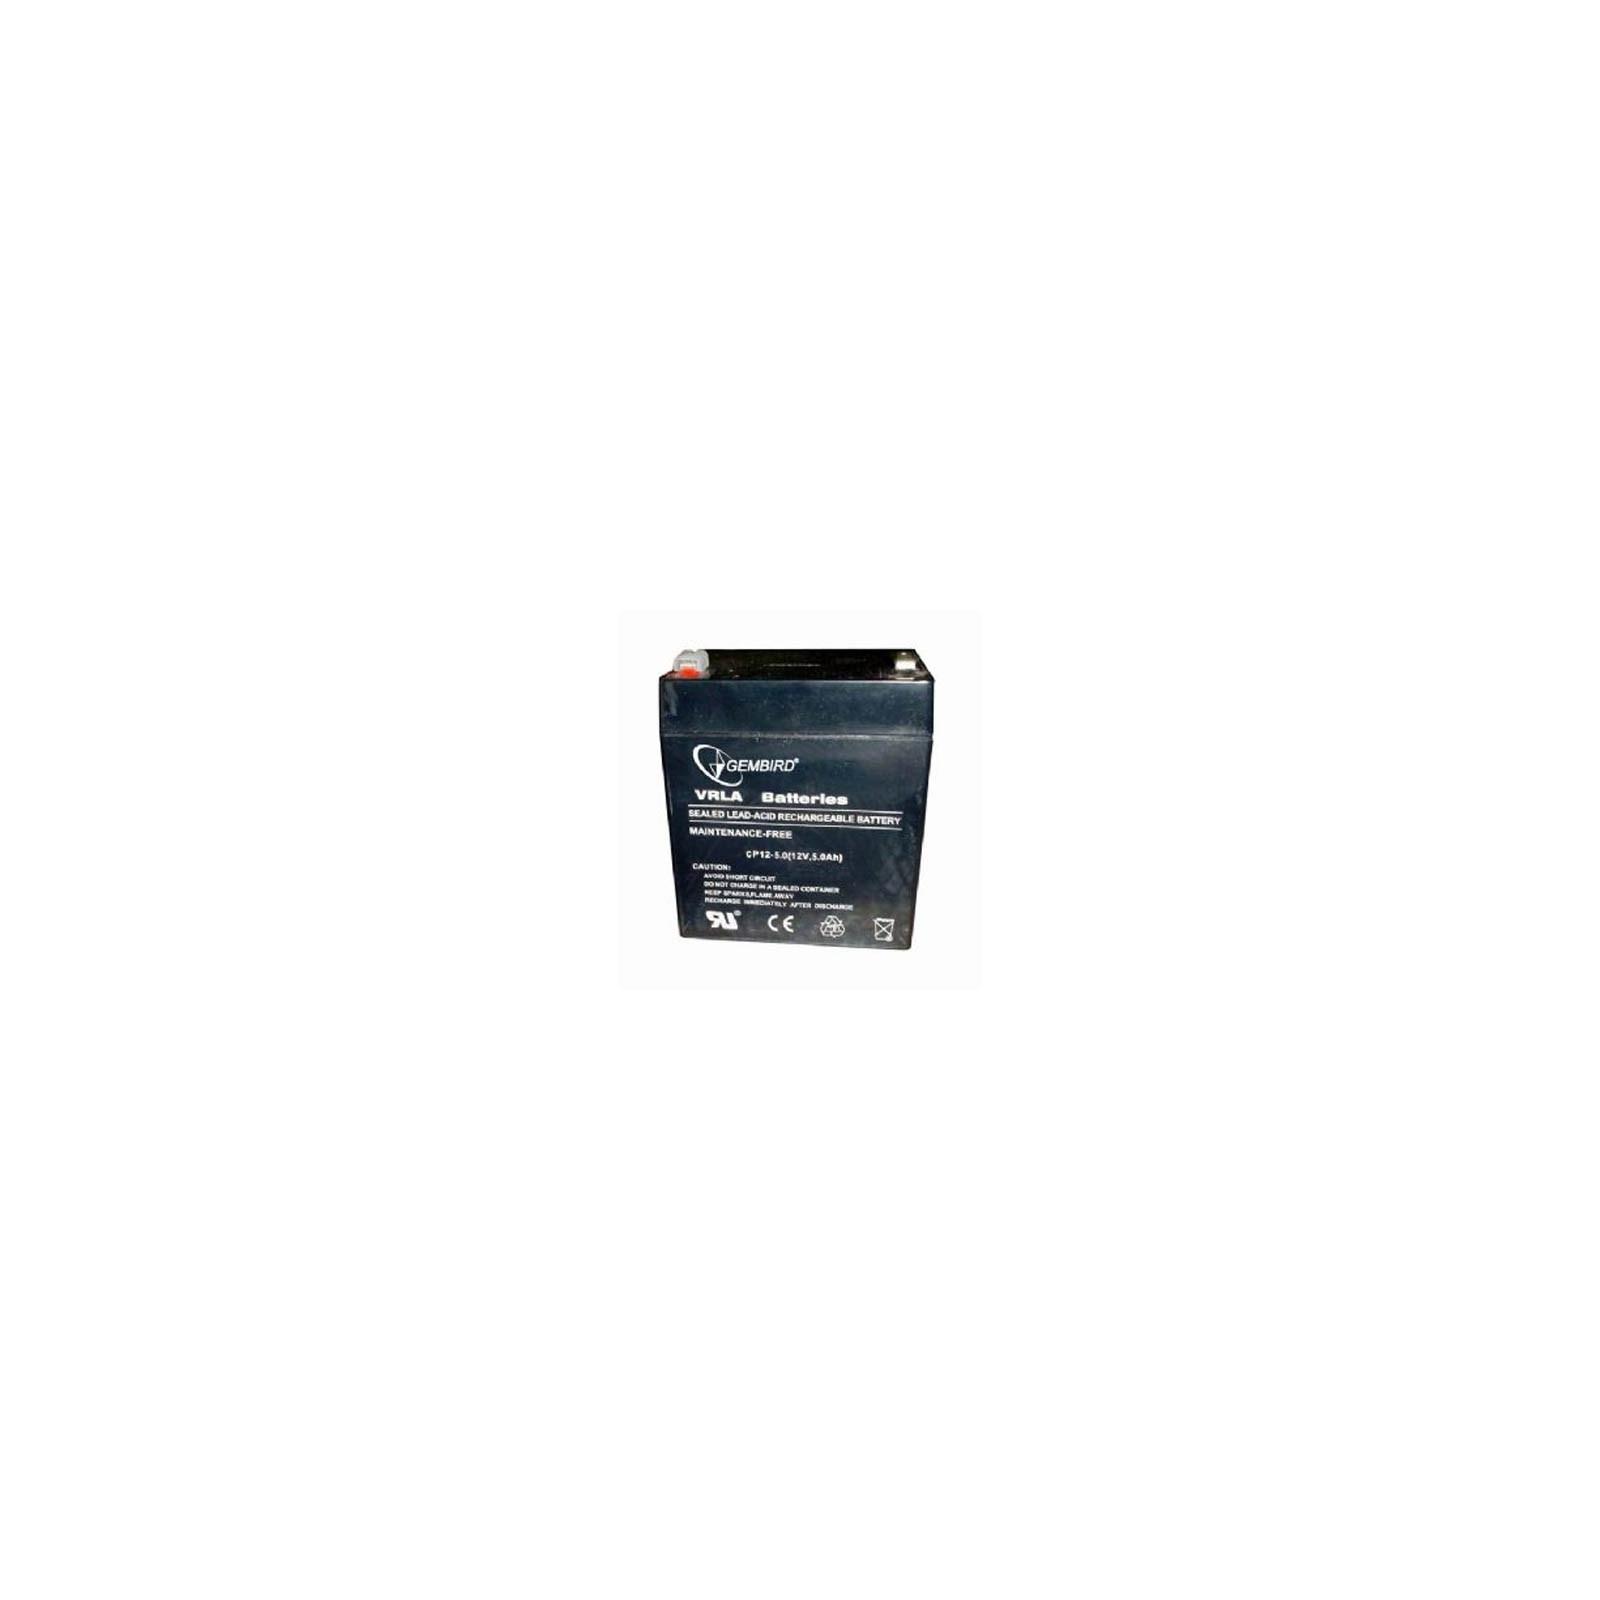 Батарея к ИБП GEMBIRD 12В 5 Ач (BAT-12V5AH)